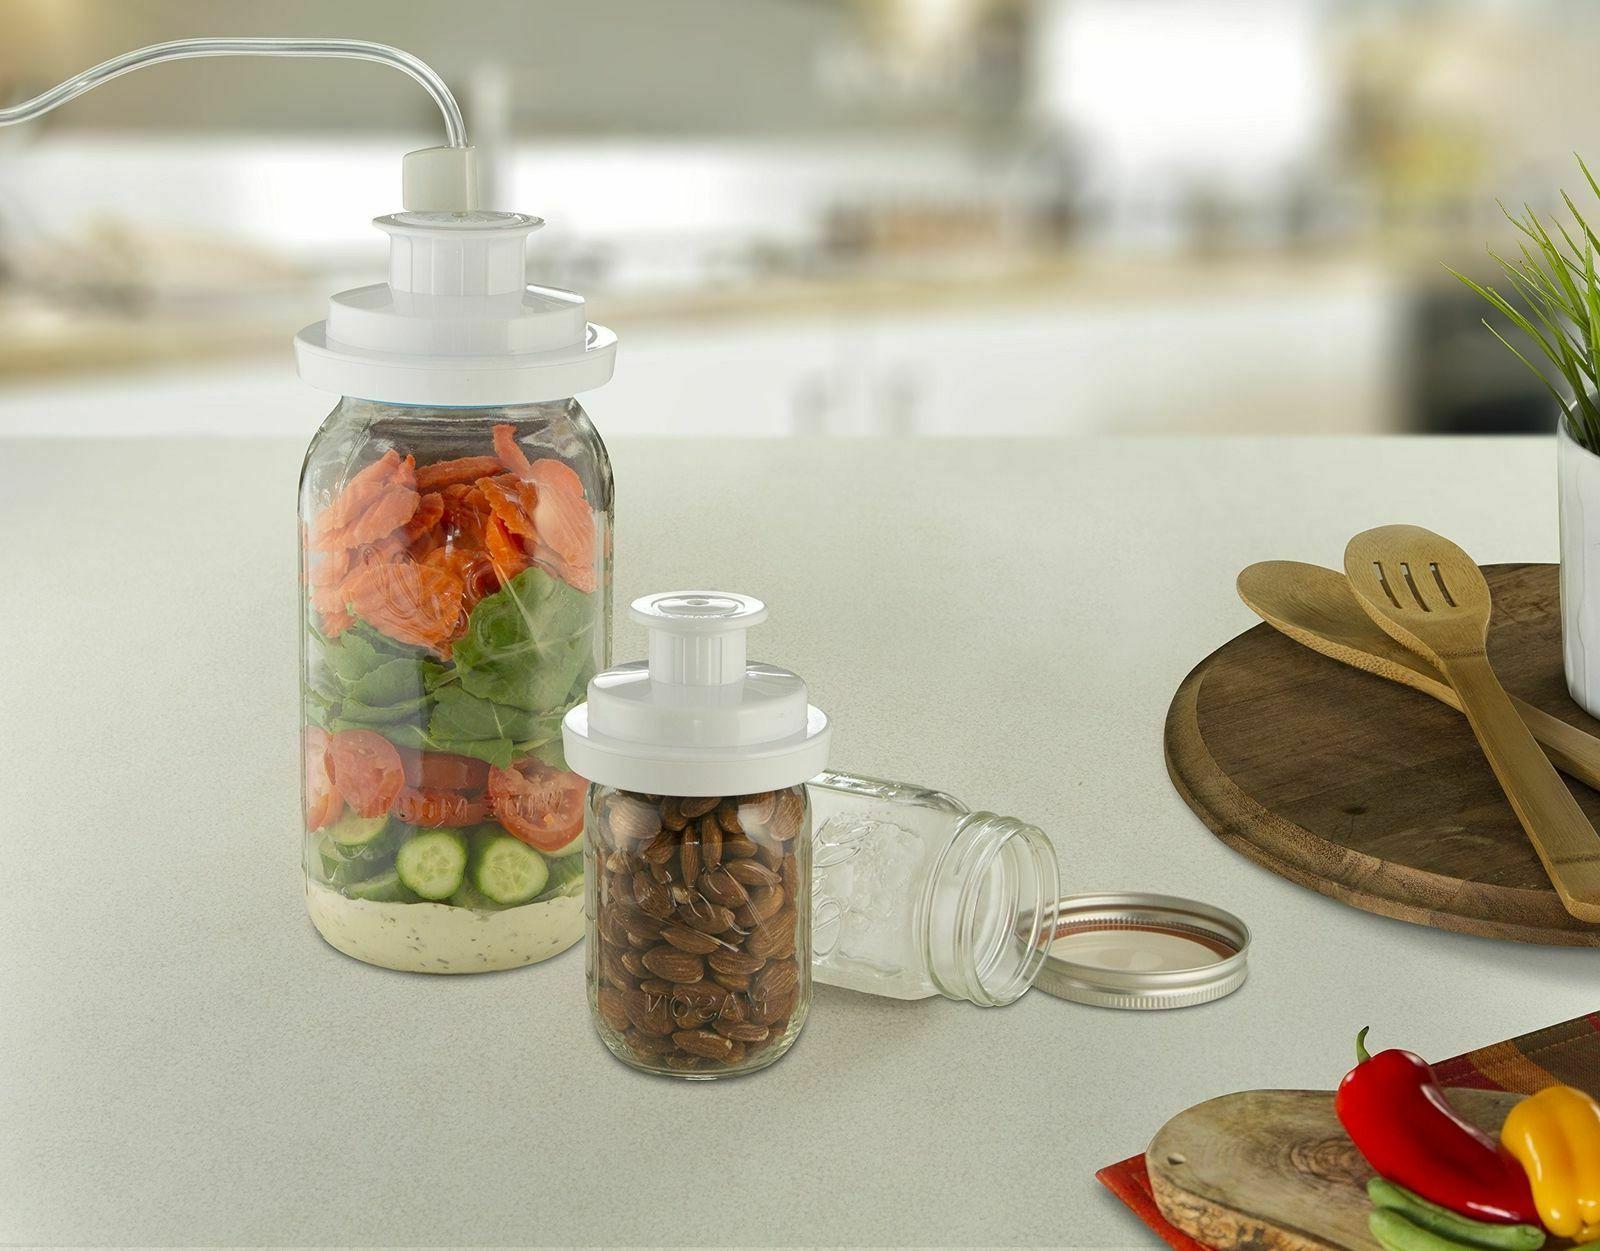 FoodSaver FCARWJAH-000 Wide-Mouth Jar Regular